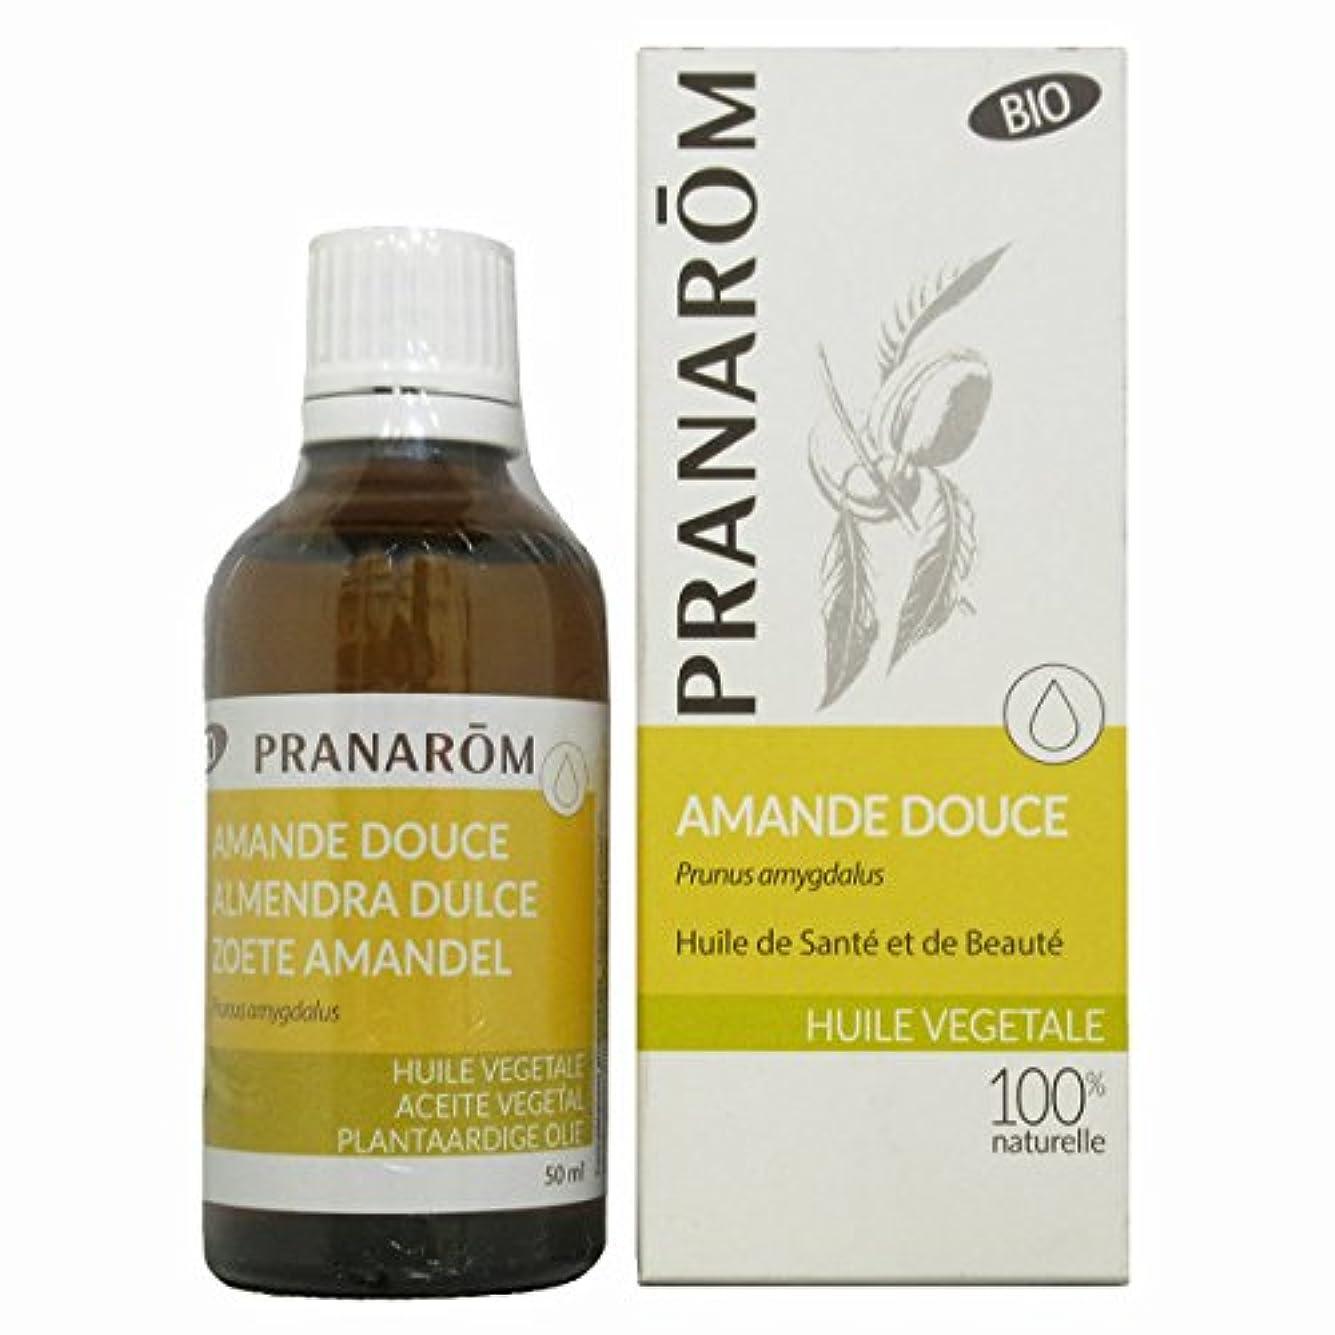 蜂音楽家スコットランド人プラナロム スィートアモンドオイル 50ml (PRANAROM 植物油)